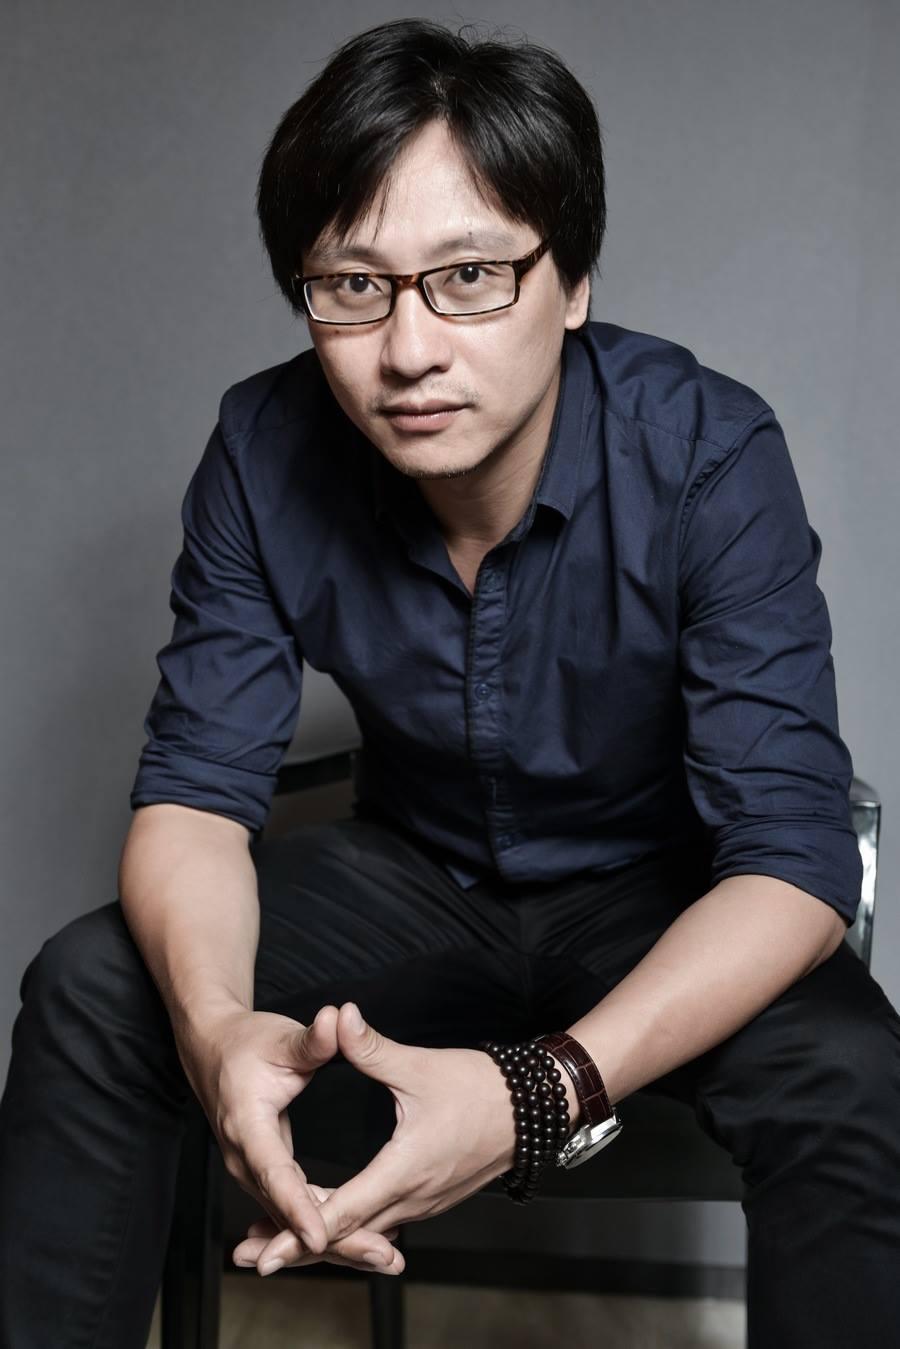 上海尚层装饰设计师牟丹芾老师